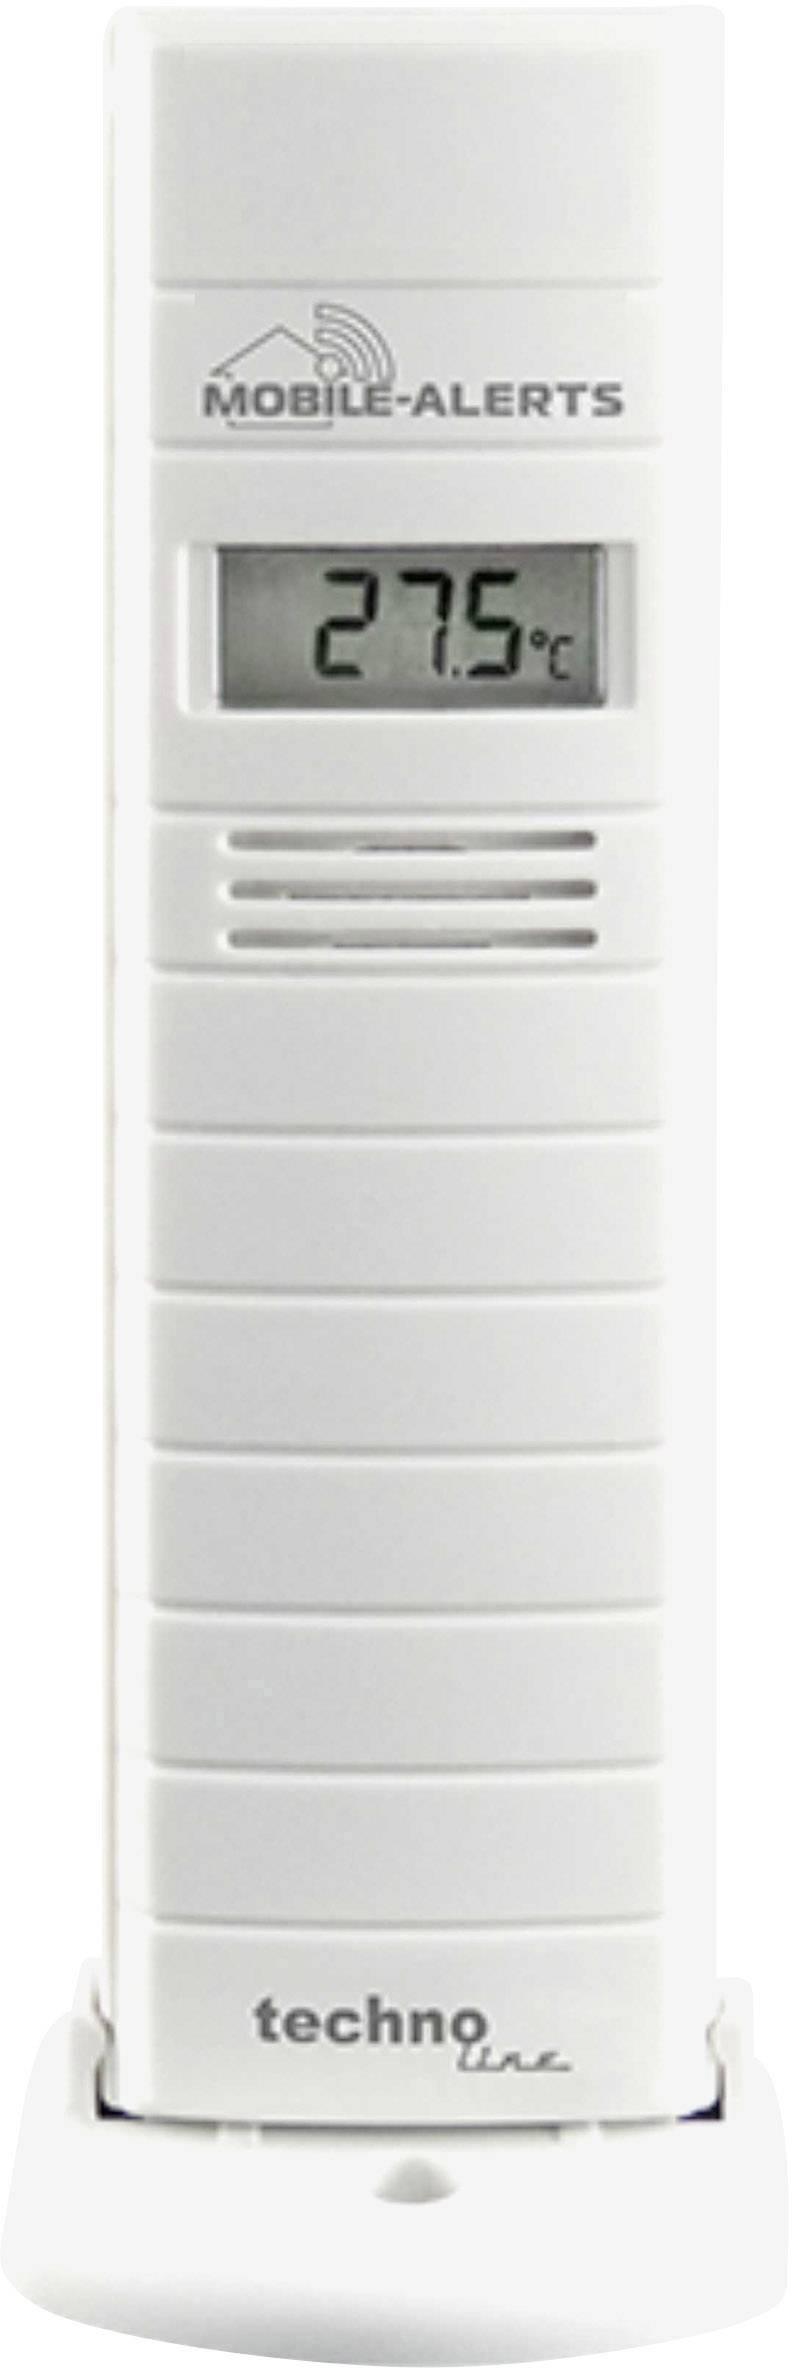 Teplotný a vlhkostný senzor pre Techno Line Mobile Alerts, MA 10200